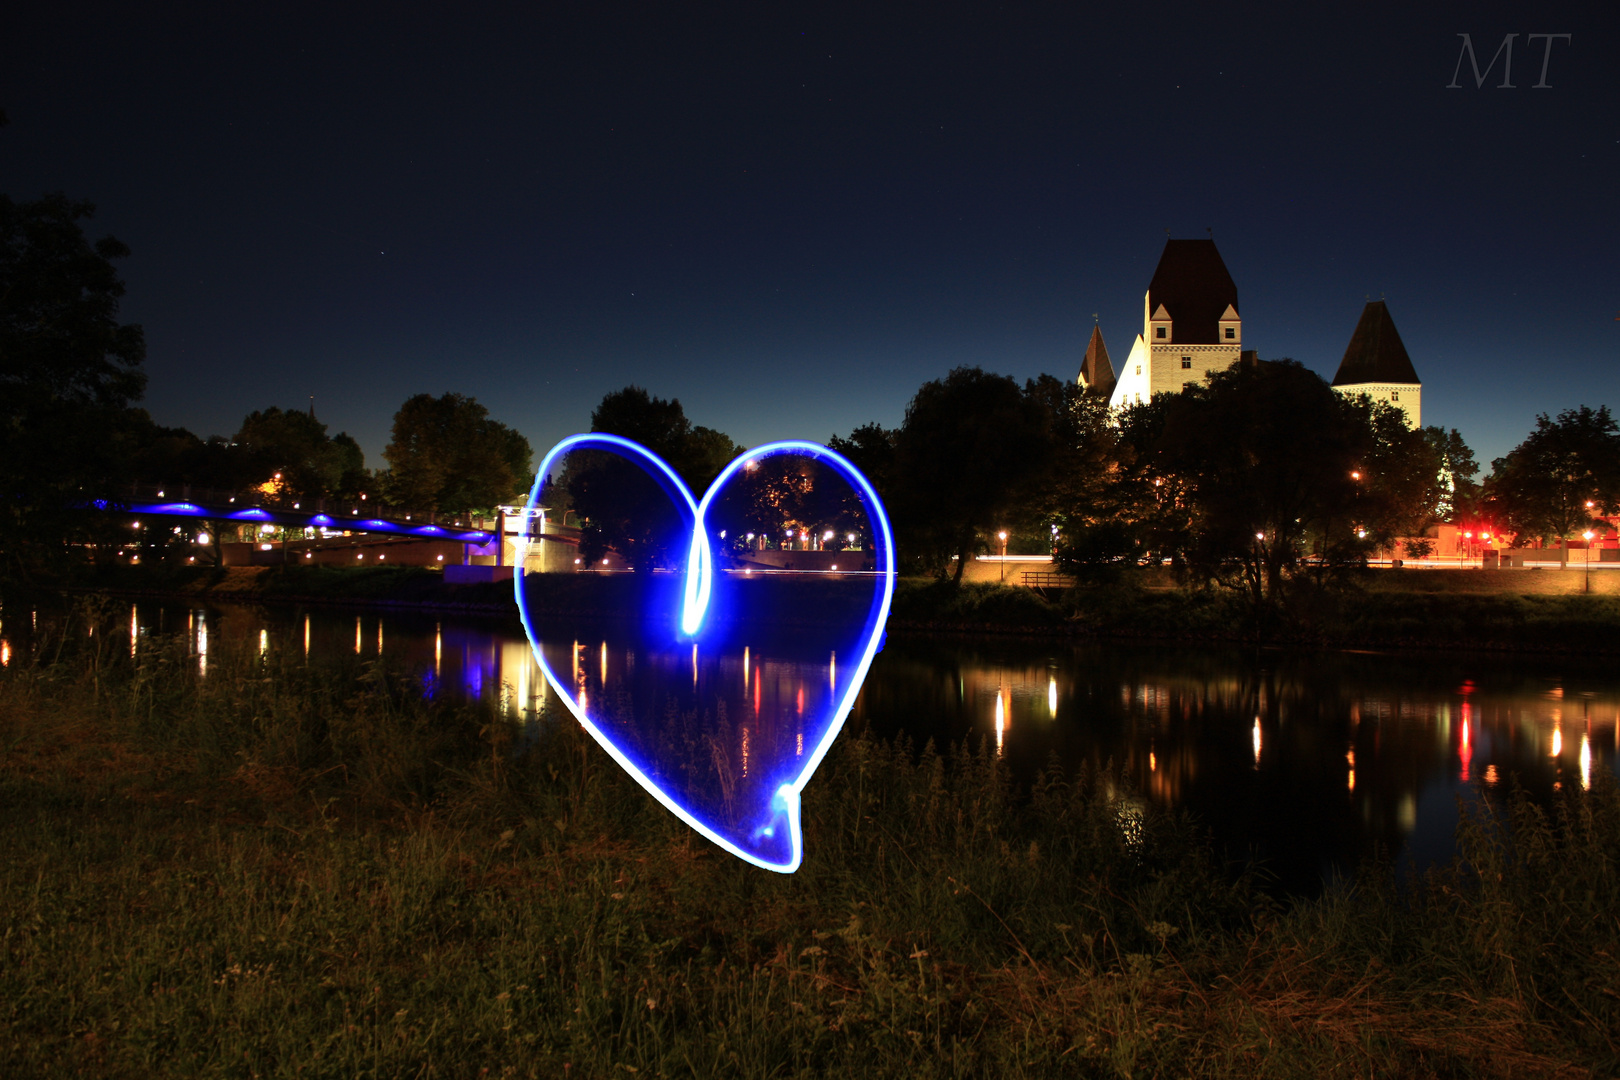 Ingolstädter Schloss bei Nacht